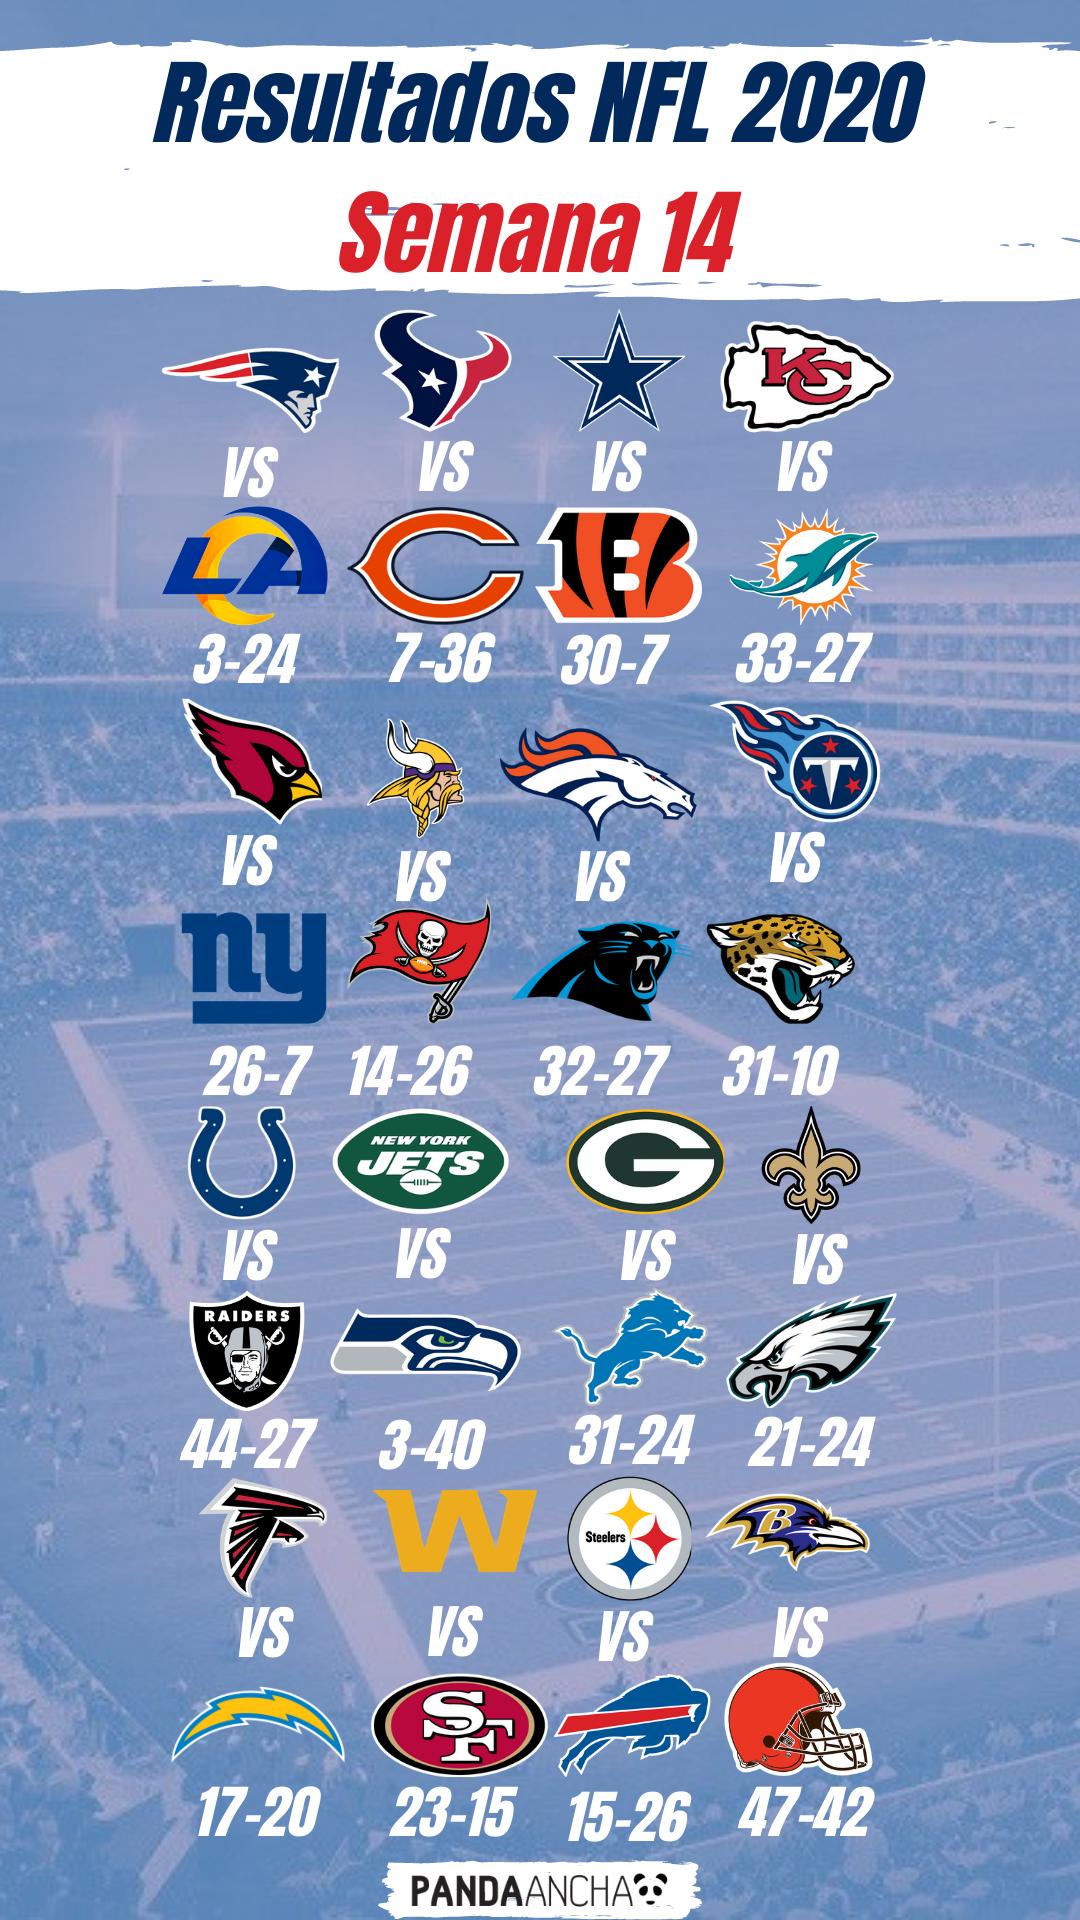 Resultados de la Semana 14 de la Temporada NFL 2020